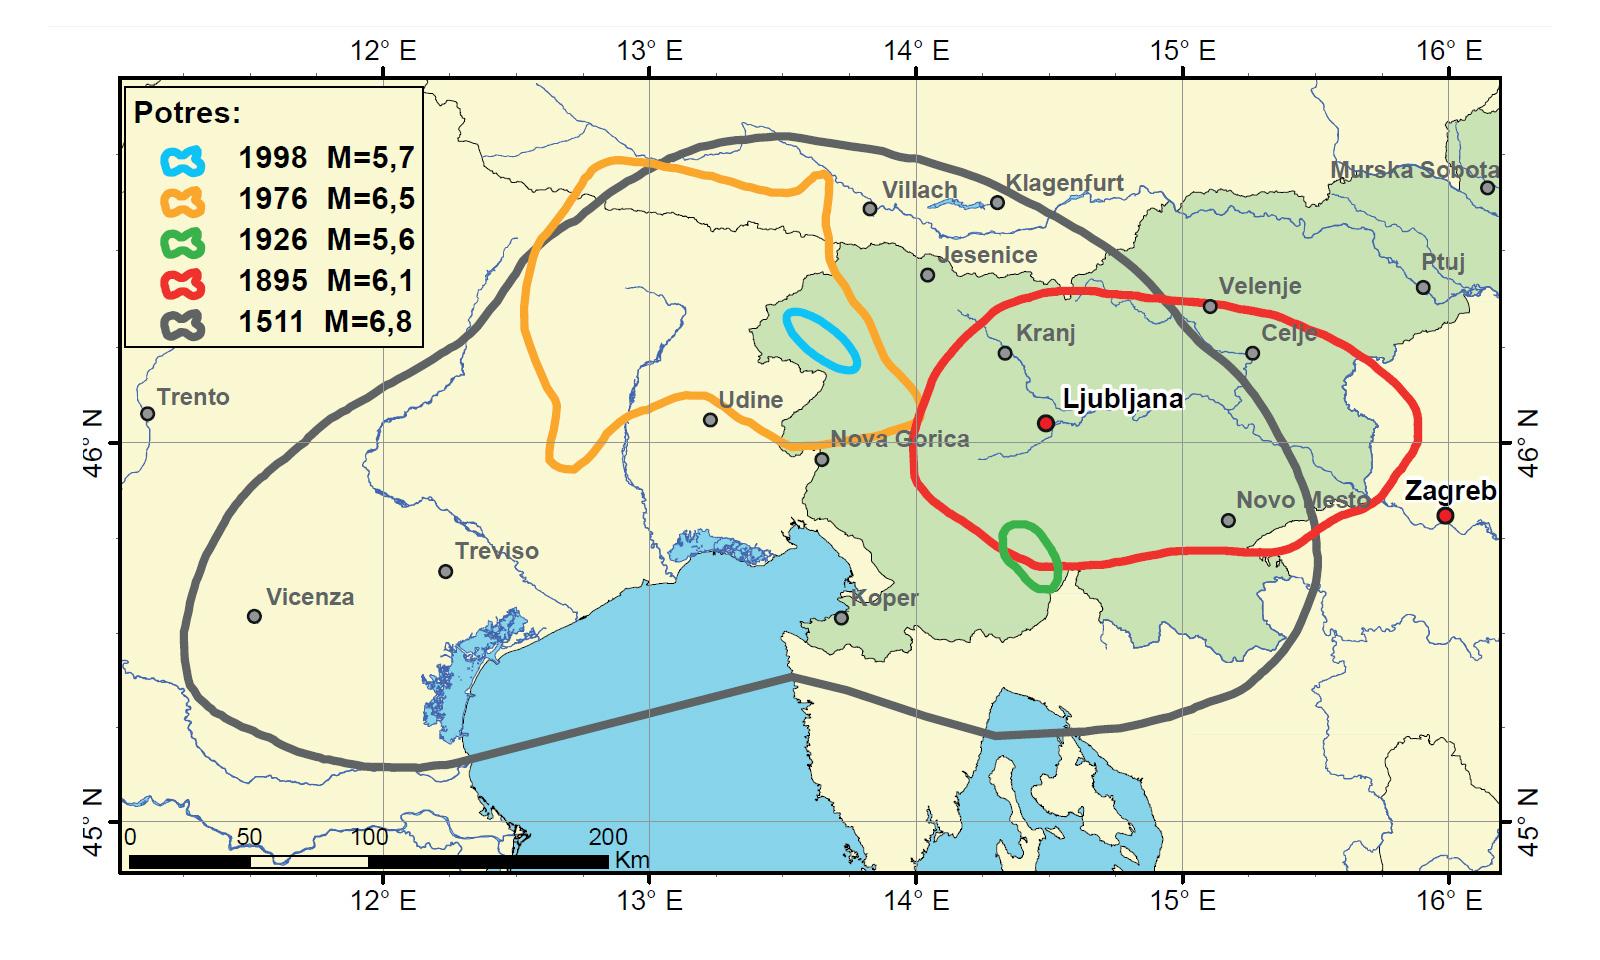 potres Idrija 1511, idrijski potres